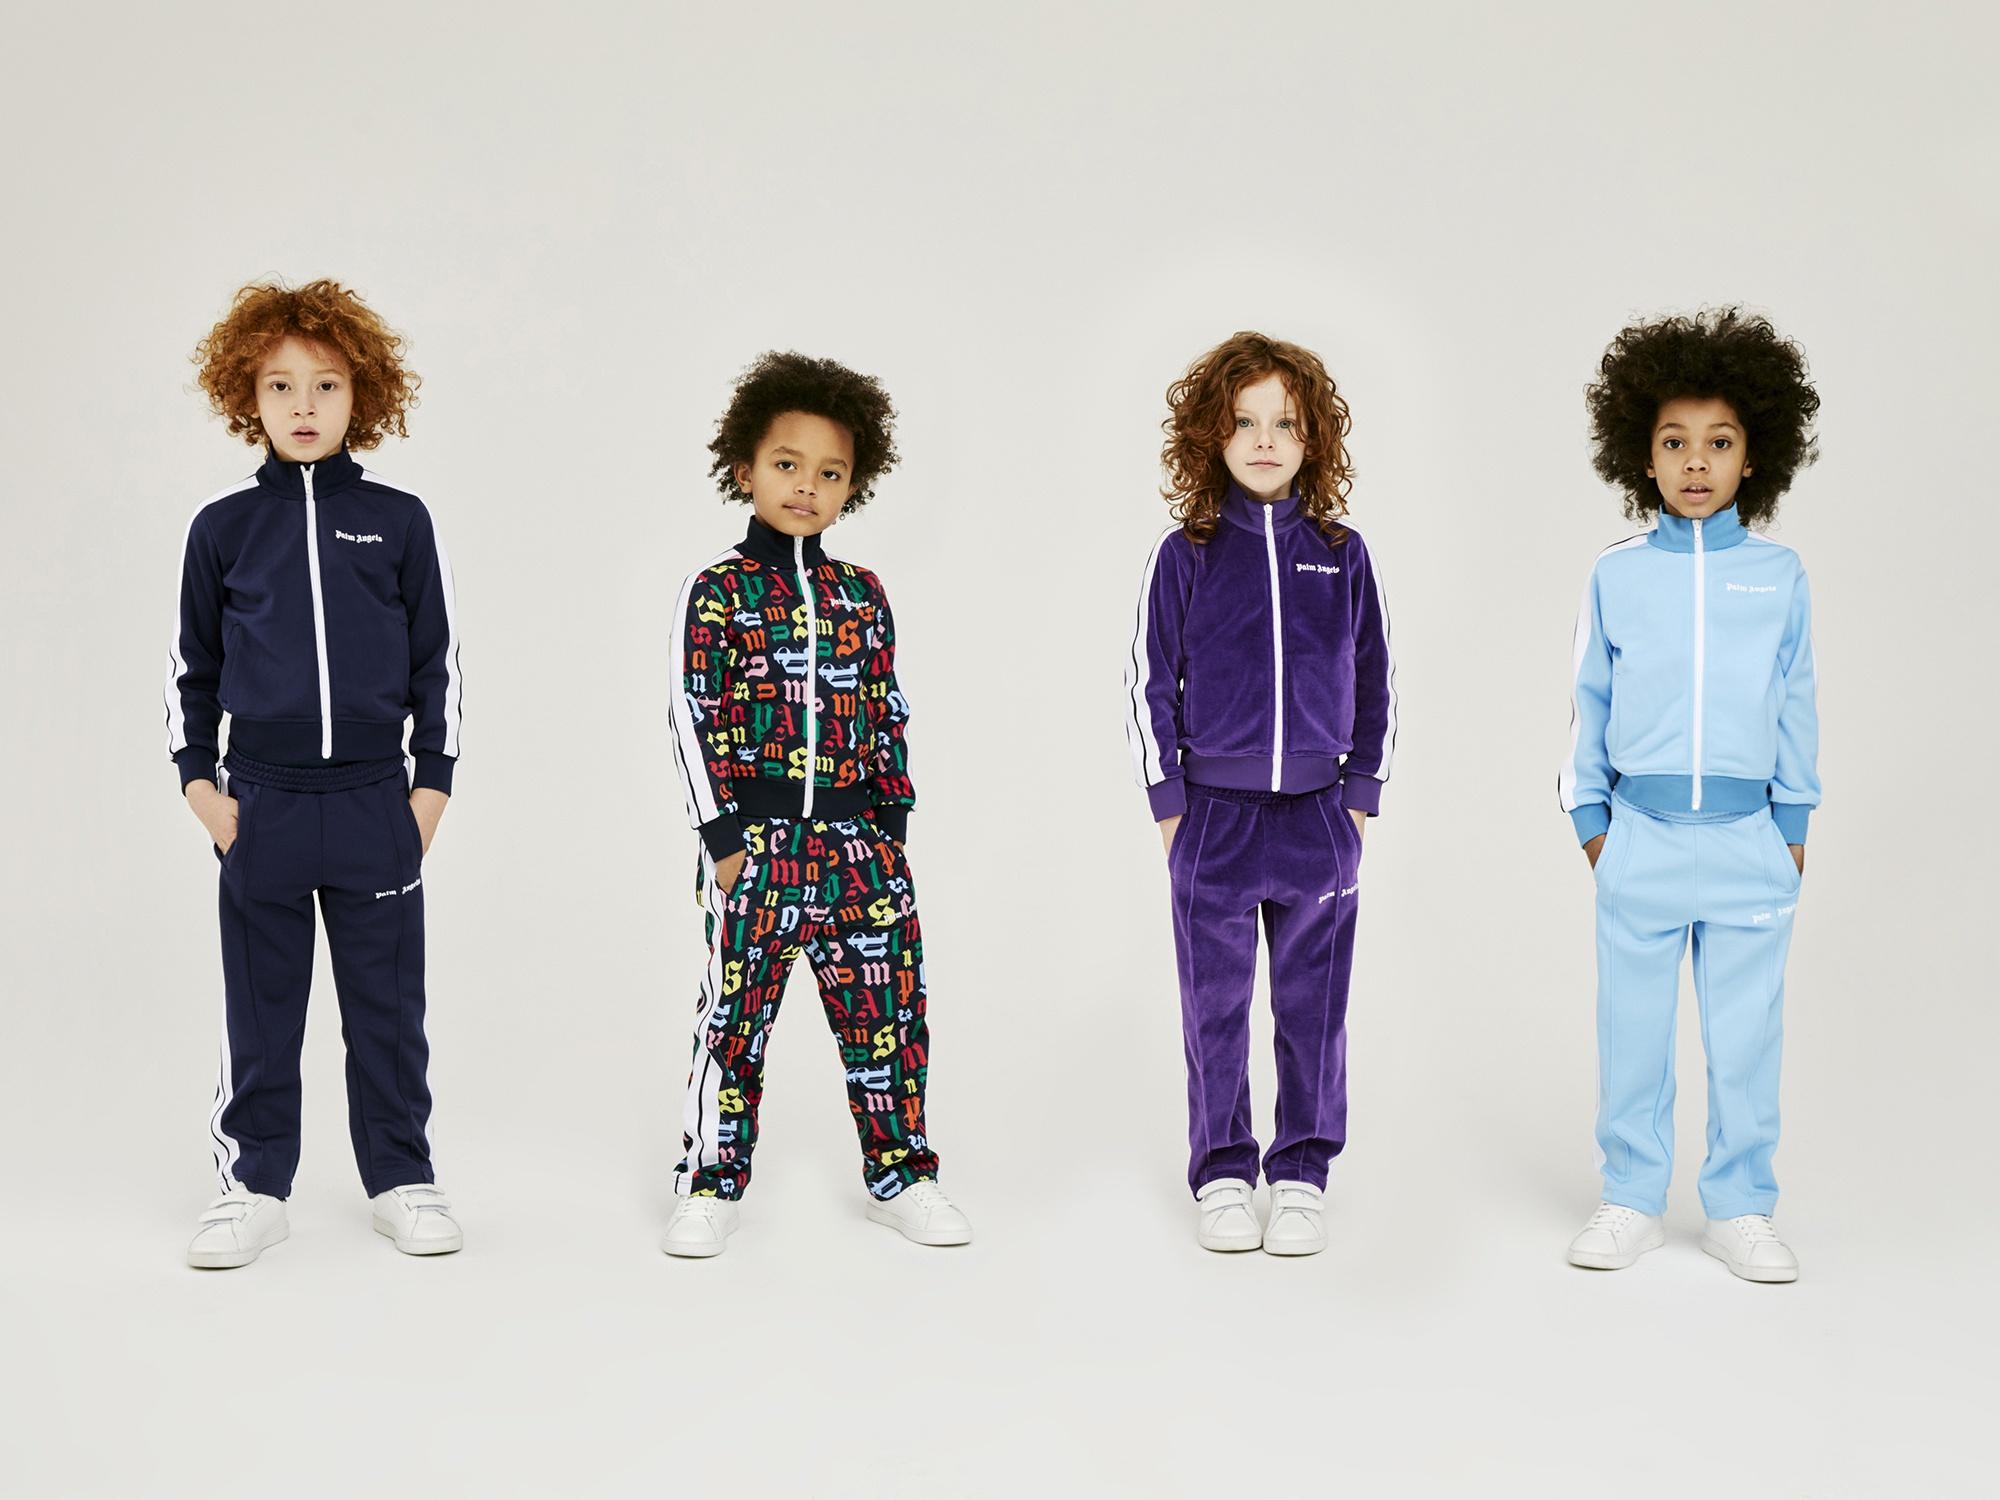 品类琳琅满目 PALM ANGELS 推出首个童装系列